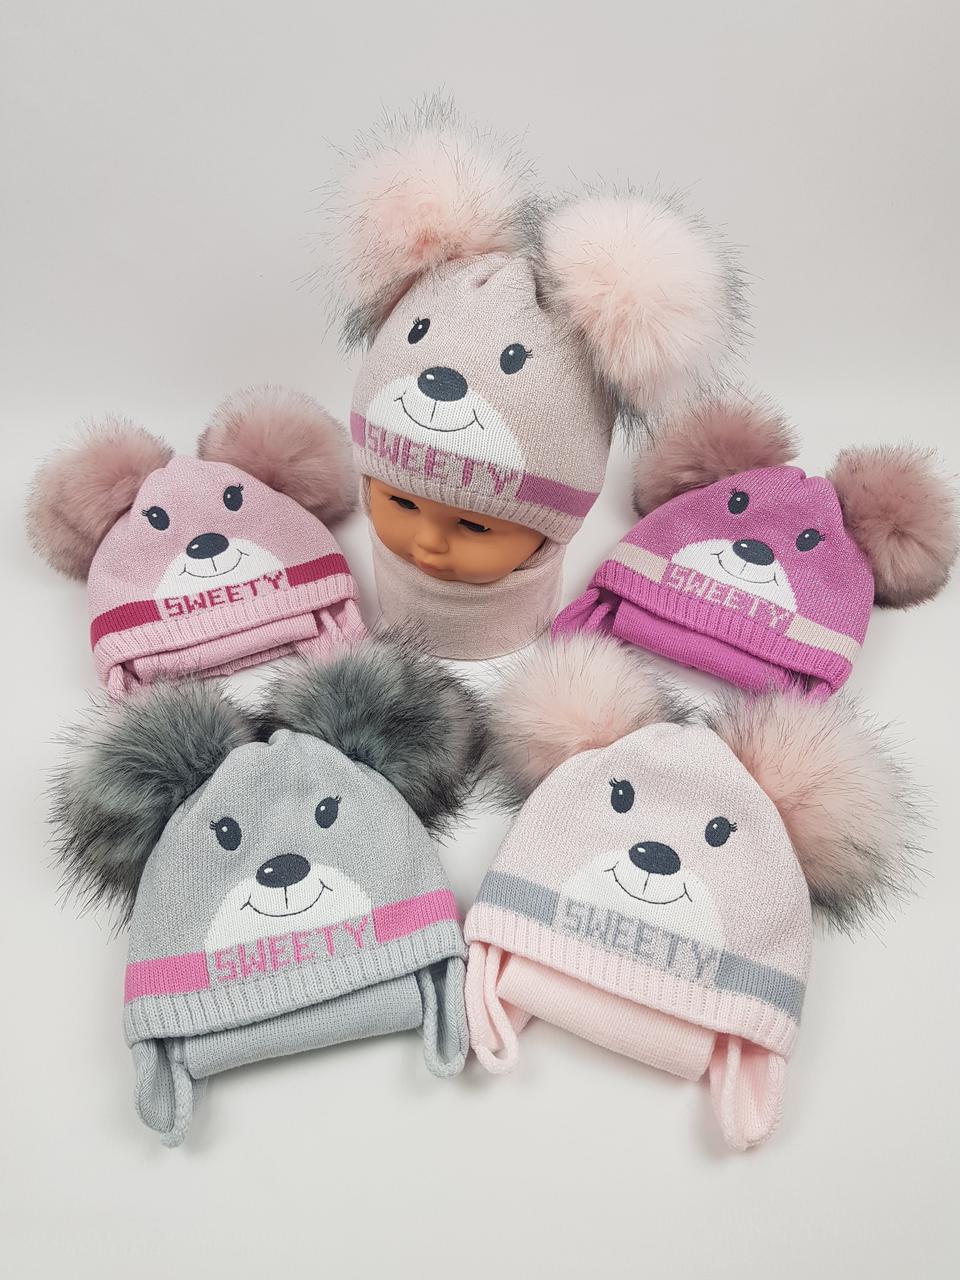 Детские зимние шапки на флисе с двумя помпонами, завязками и шарфом для девочек оптом, р.40-42, Польша (Grans)